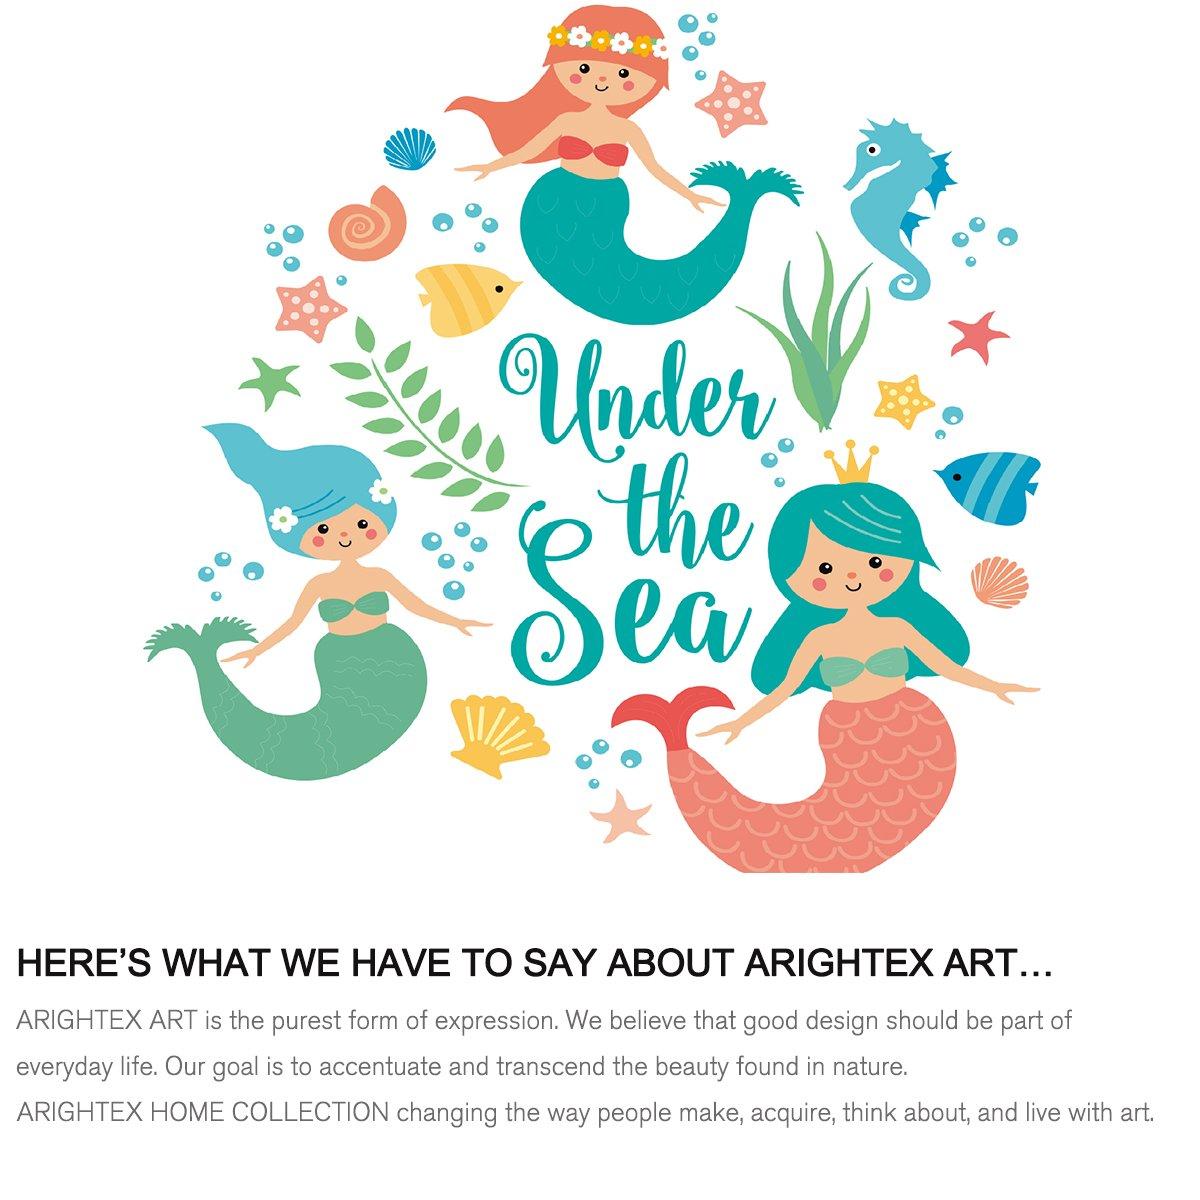 50 x 60 Inches Arightex Mermaid Print Blanket Girls Fleece Throw Blanket Under The Sea Soft Blanket Teal Kids Sherpa Blanket